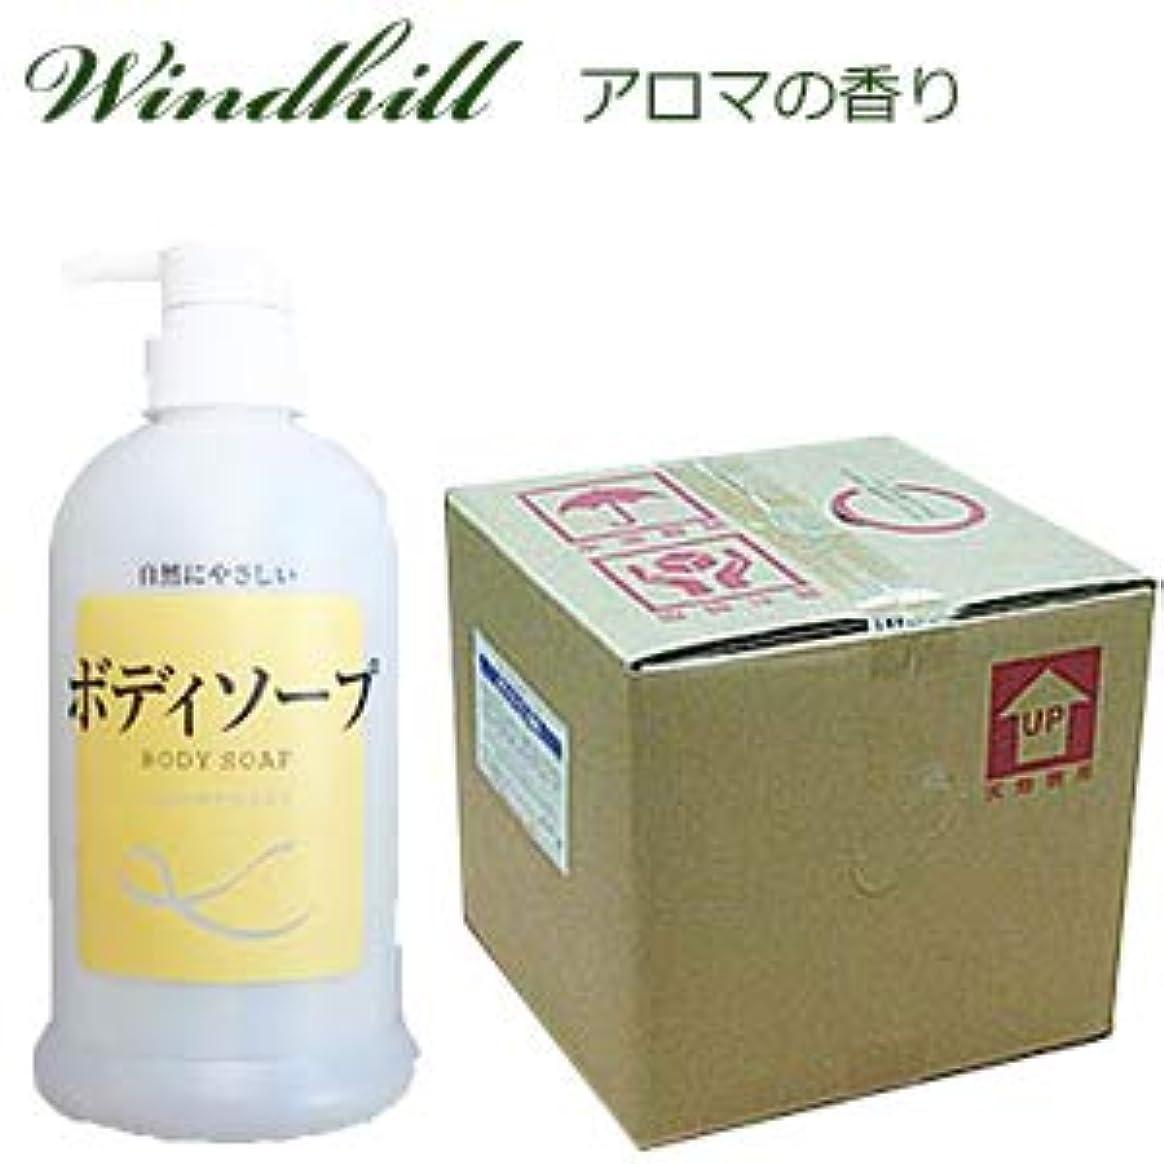 不均一ハーブ定常なんと! 500ml当り188円 Windhill 植物性業務用 ボディソープ  紅茶を思うアロマの香り 20L